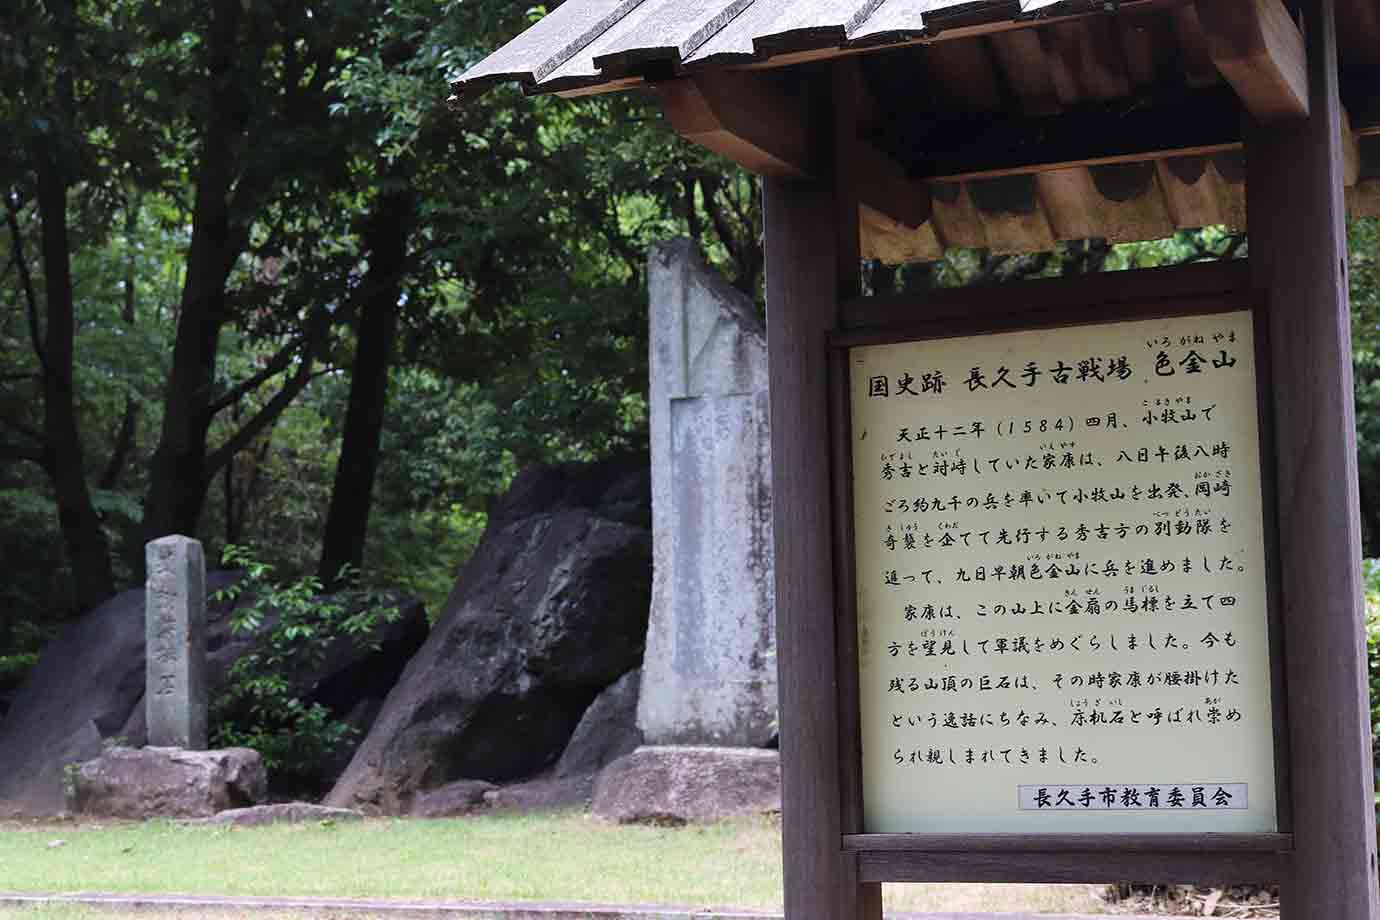 山頂広場にある「 床机石(しょうぎいし)」は、家康が軍事会議の時に座っていた石